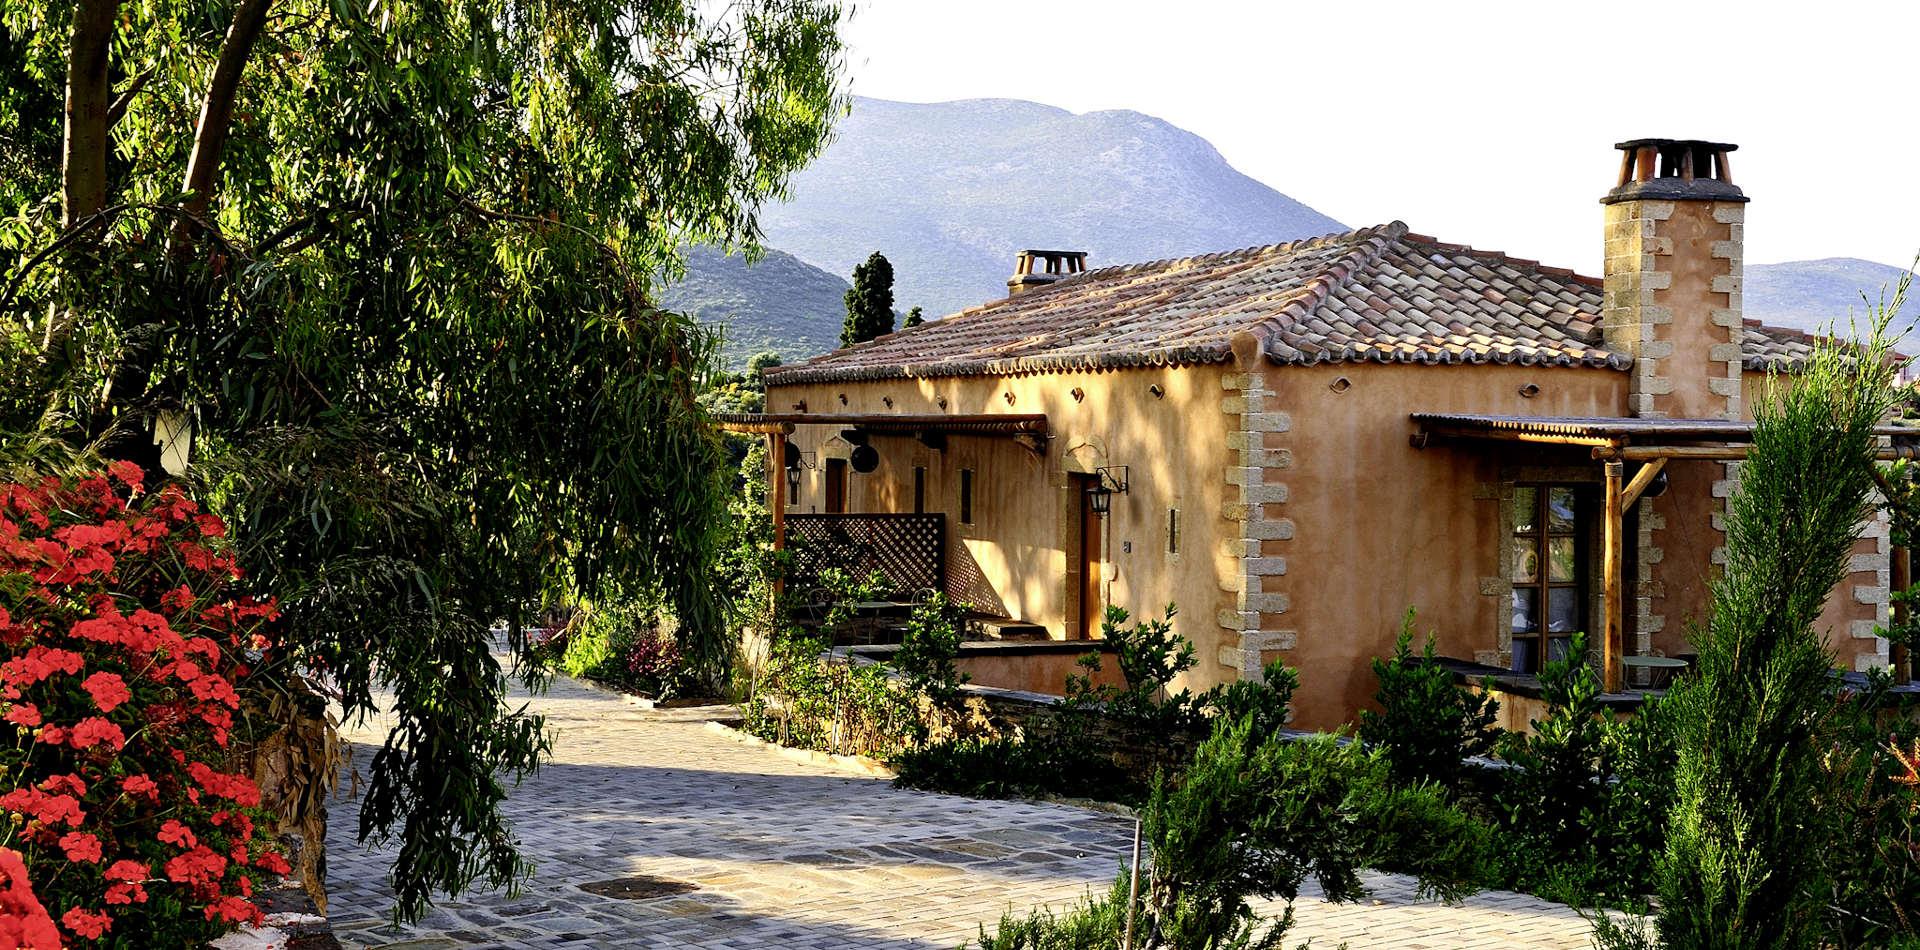 Luxusreise nach Griechenland ins Kinsterna Hotel